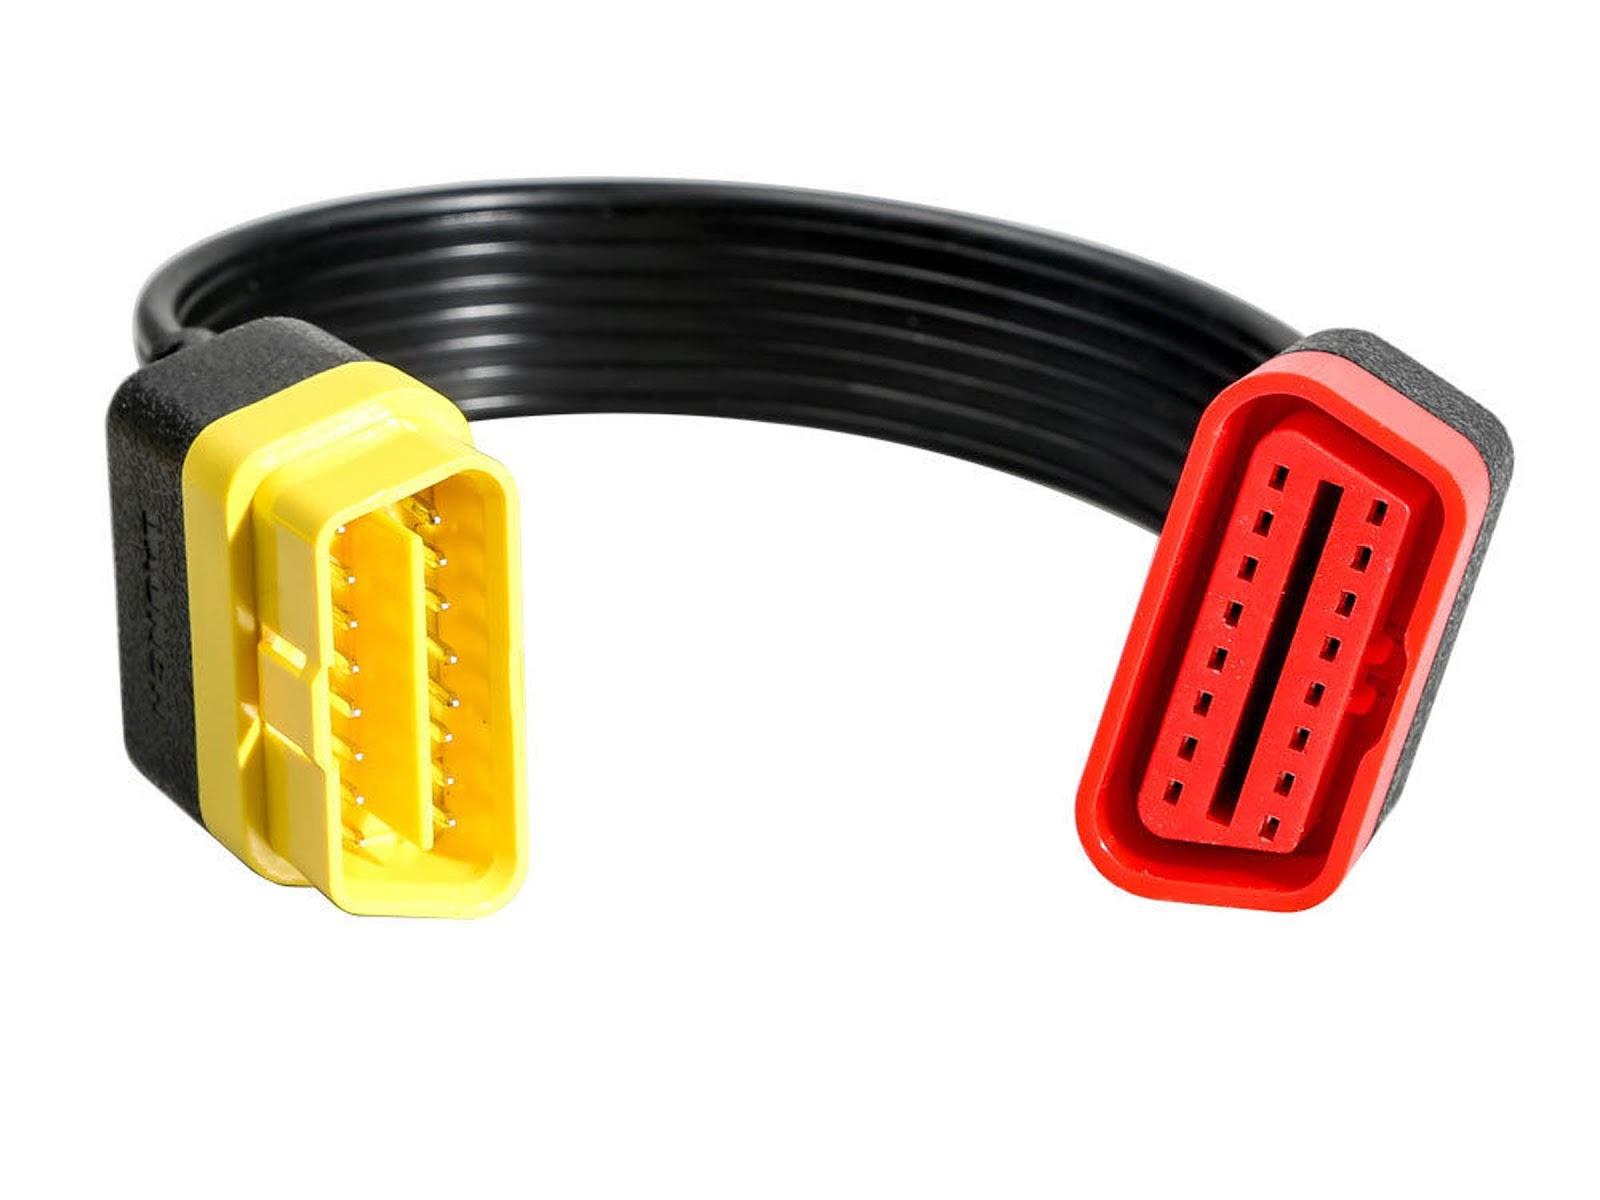 Groß 240 Volt 4 Kabel Zeitgenössisch - Elektrische Schaltplan-Ideen ...